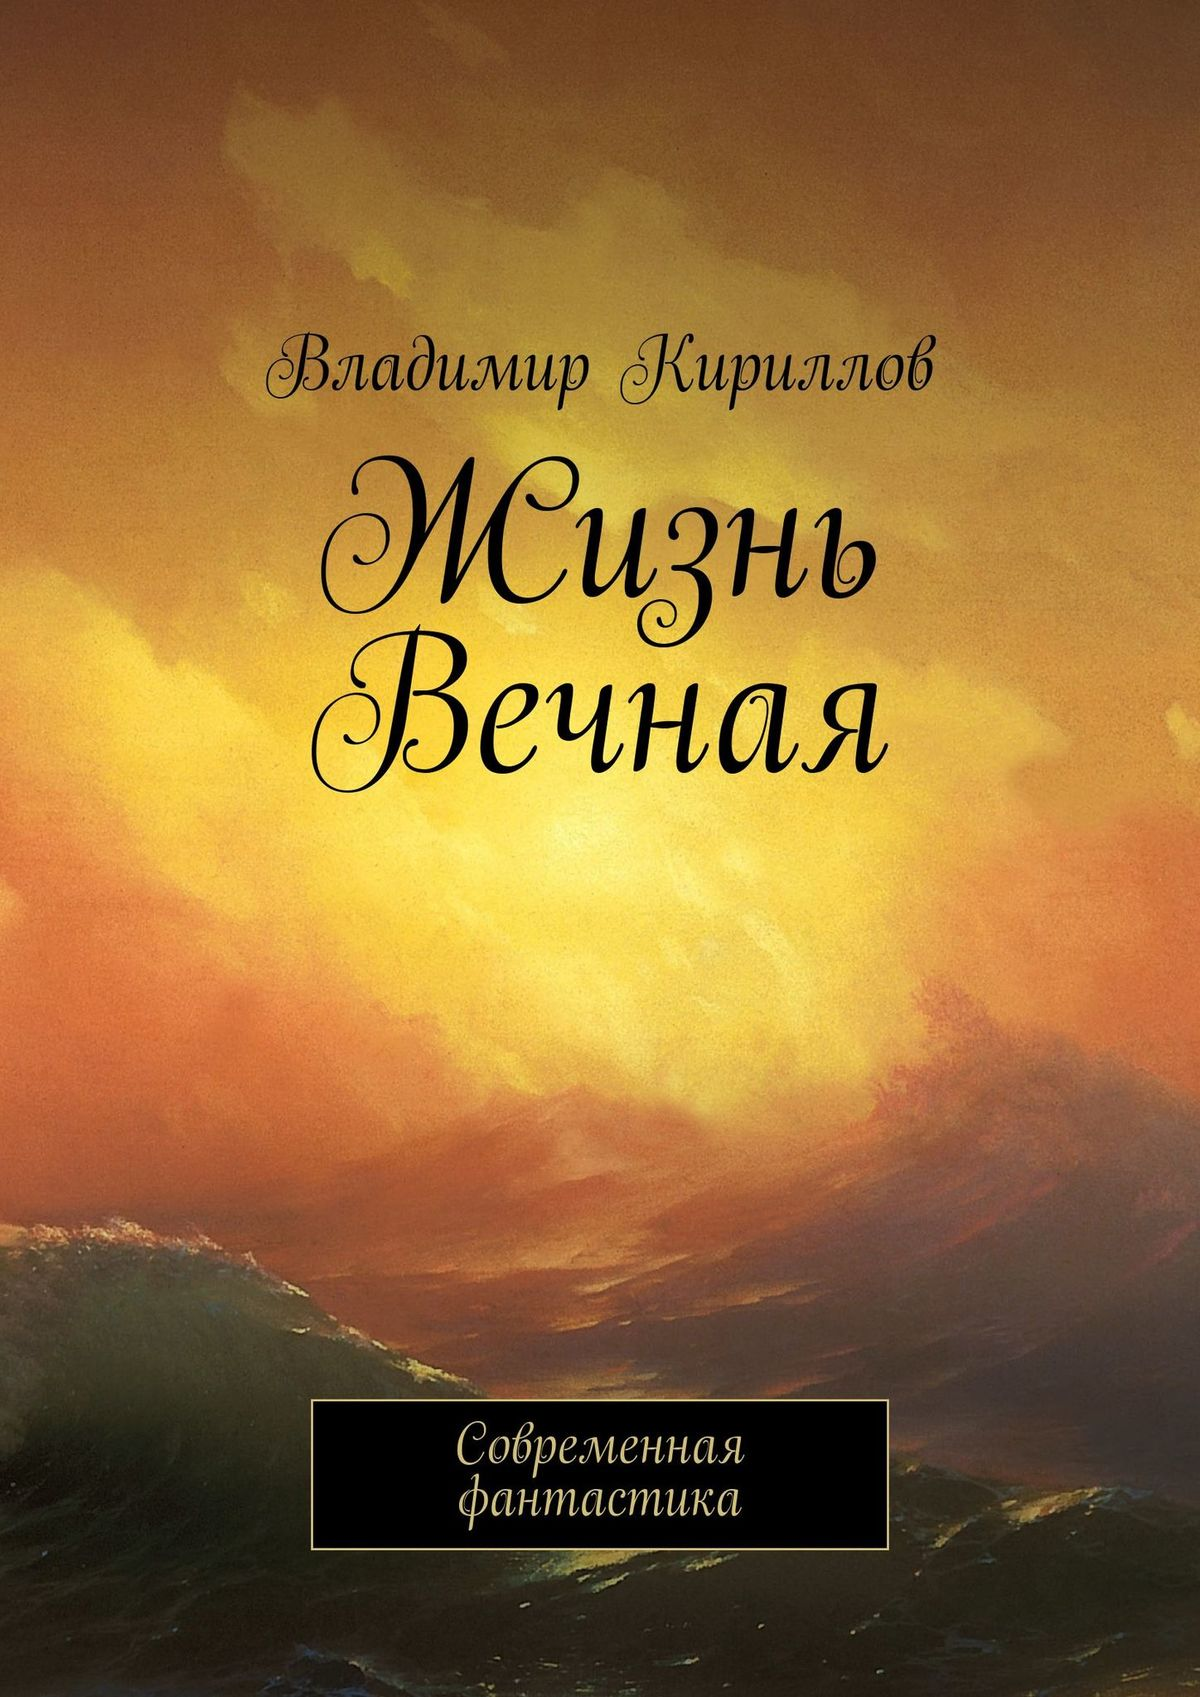 Владимир Кириллов Жизнь Вечная. Современная суперфантастика перри э смерть внезапна и страшна